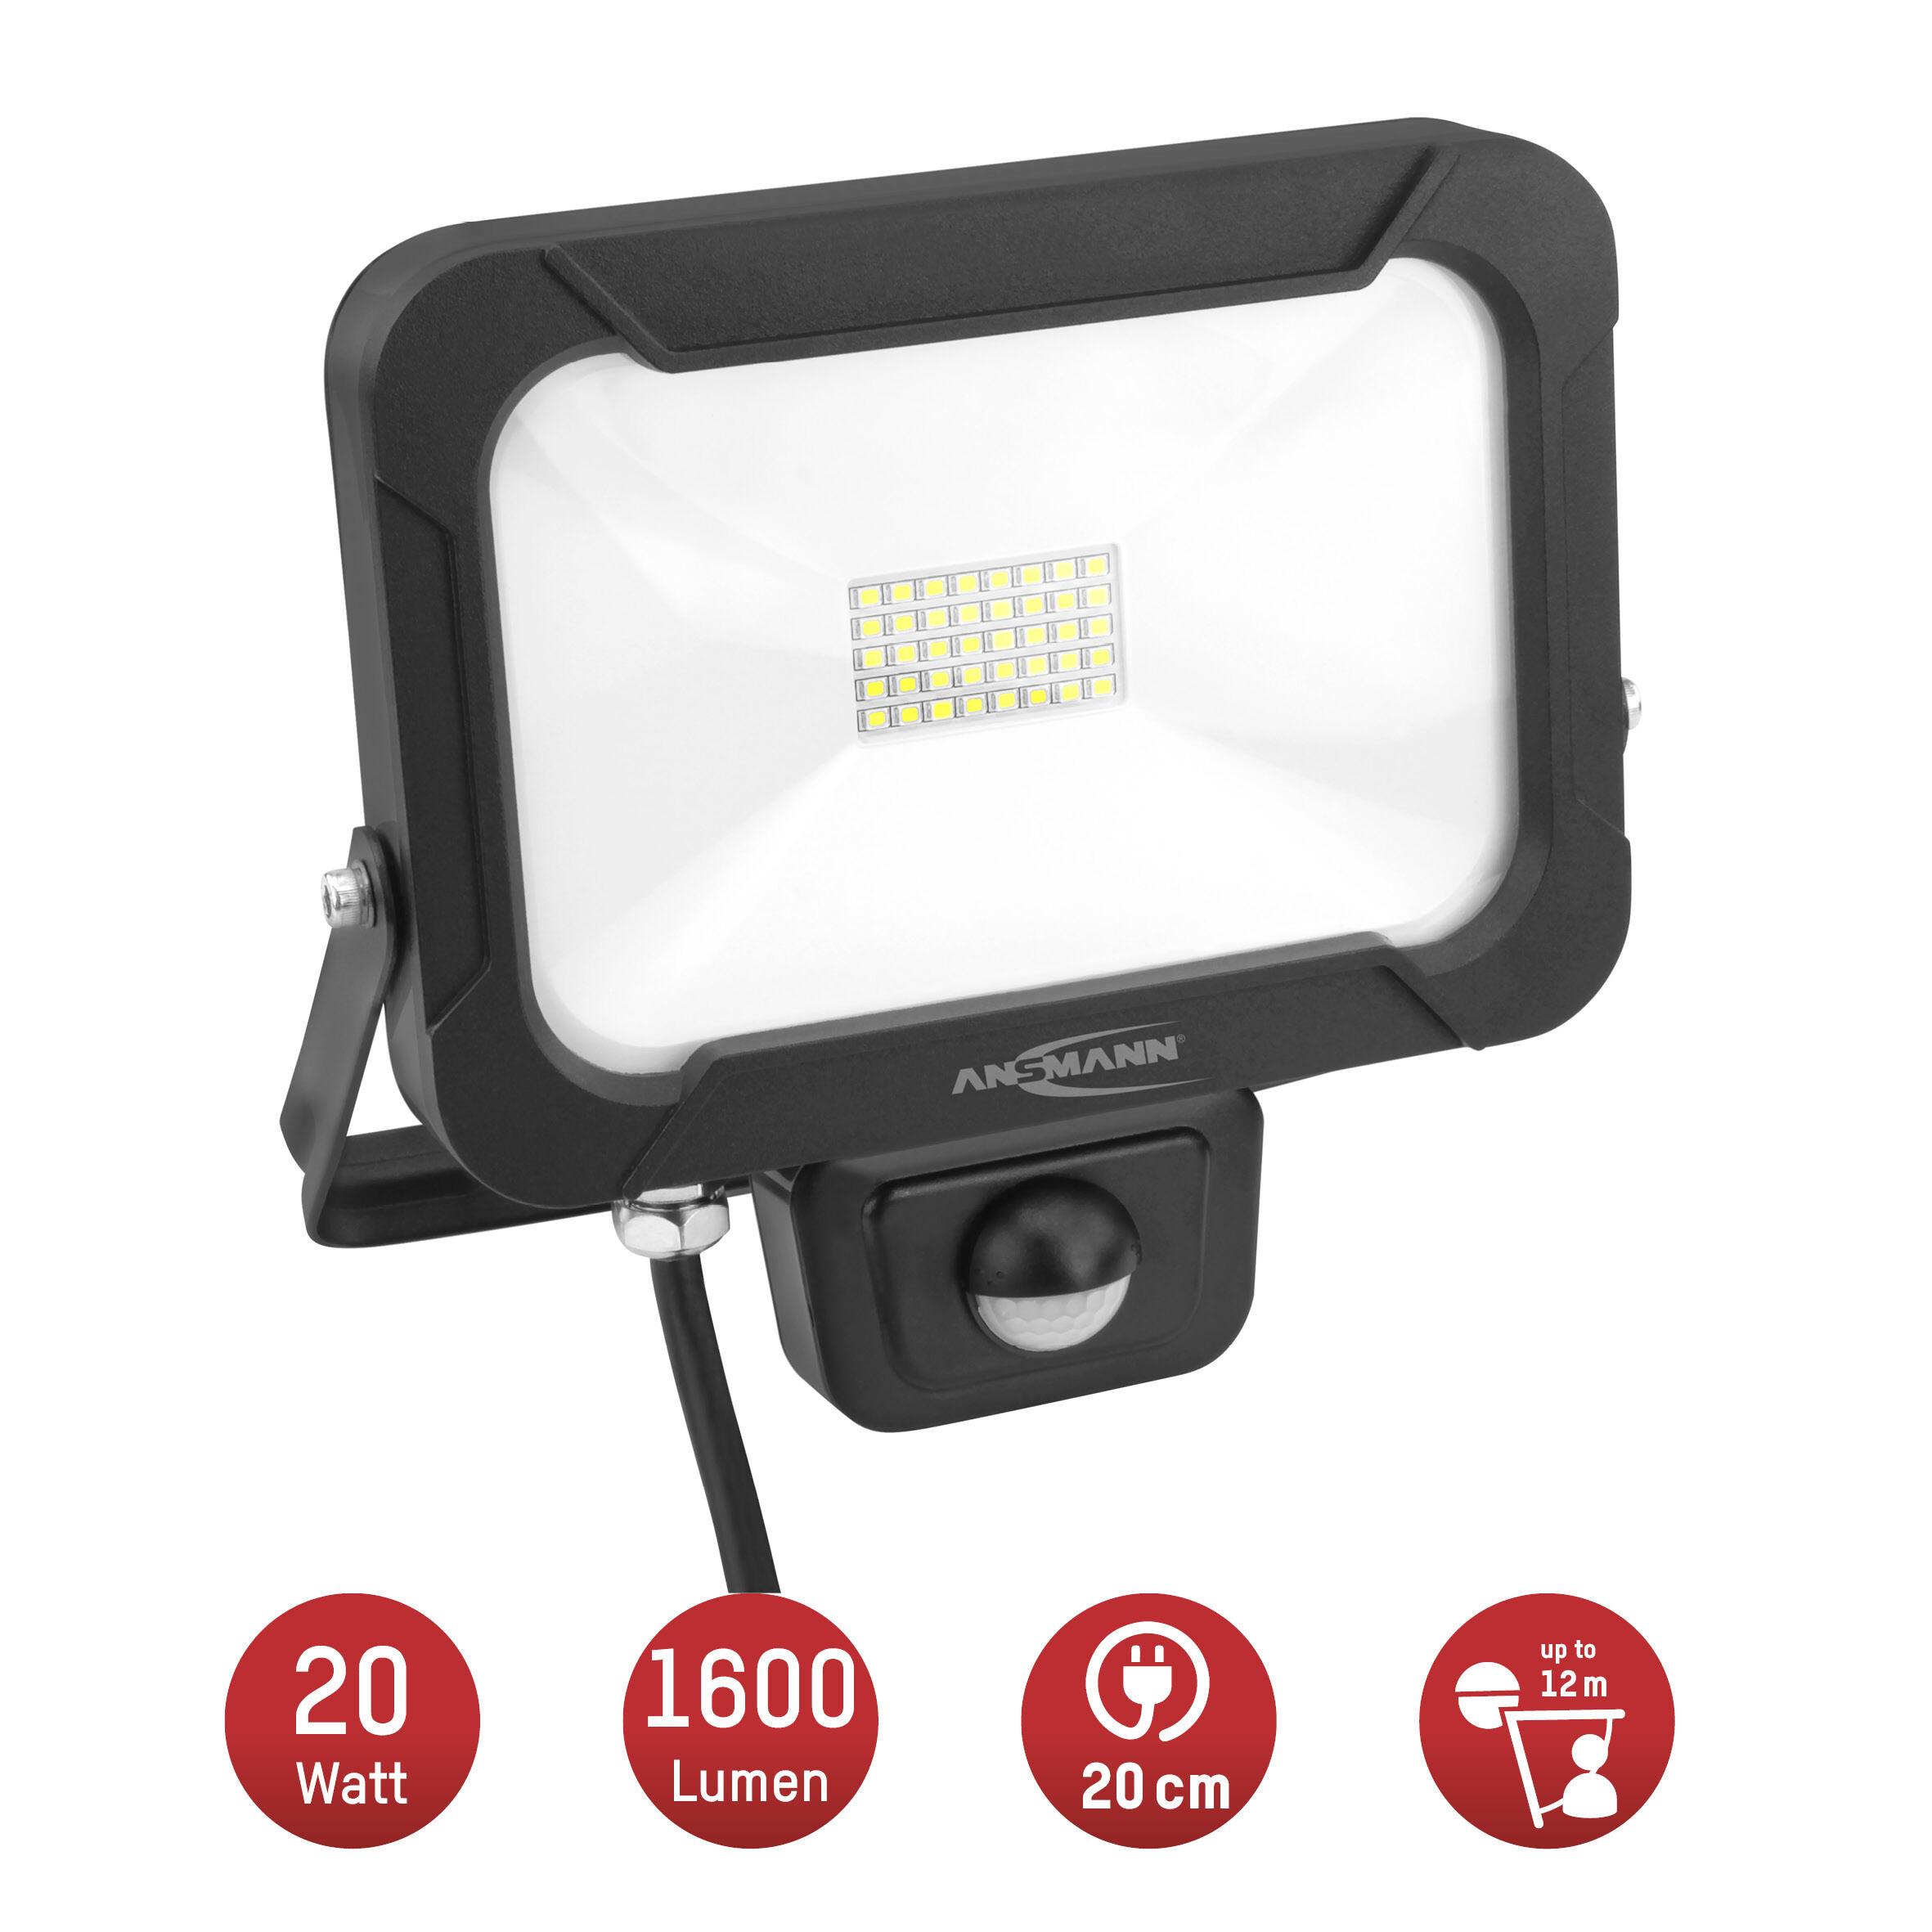 ANSMANN Wandstrahler mit Bewegungsmelder LED 20W – IP54 wetterfest